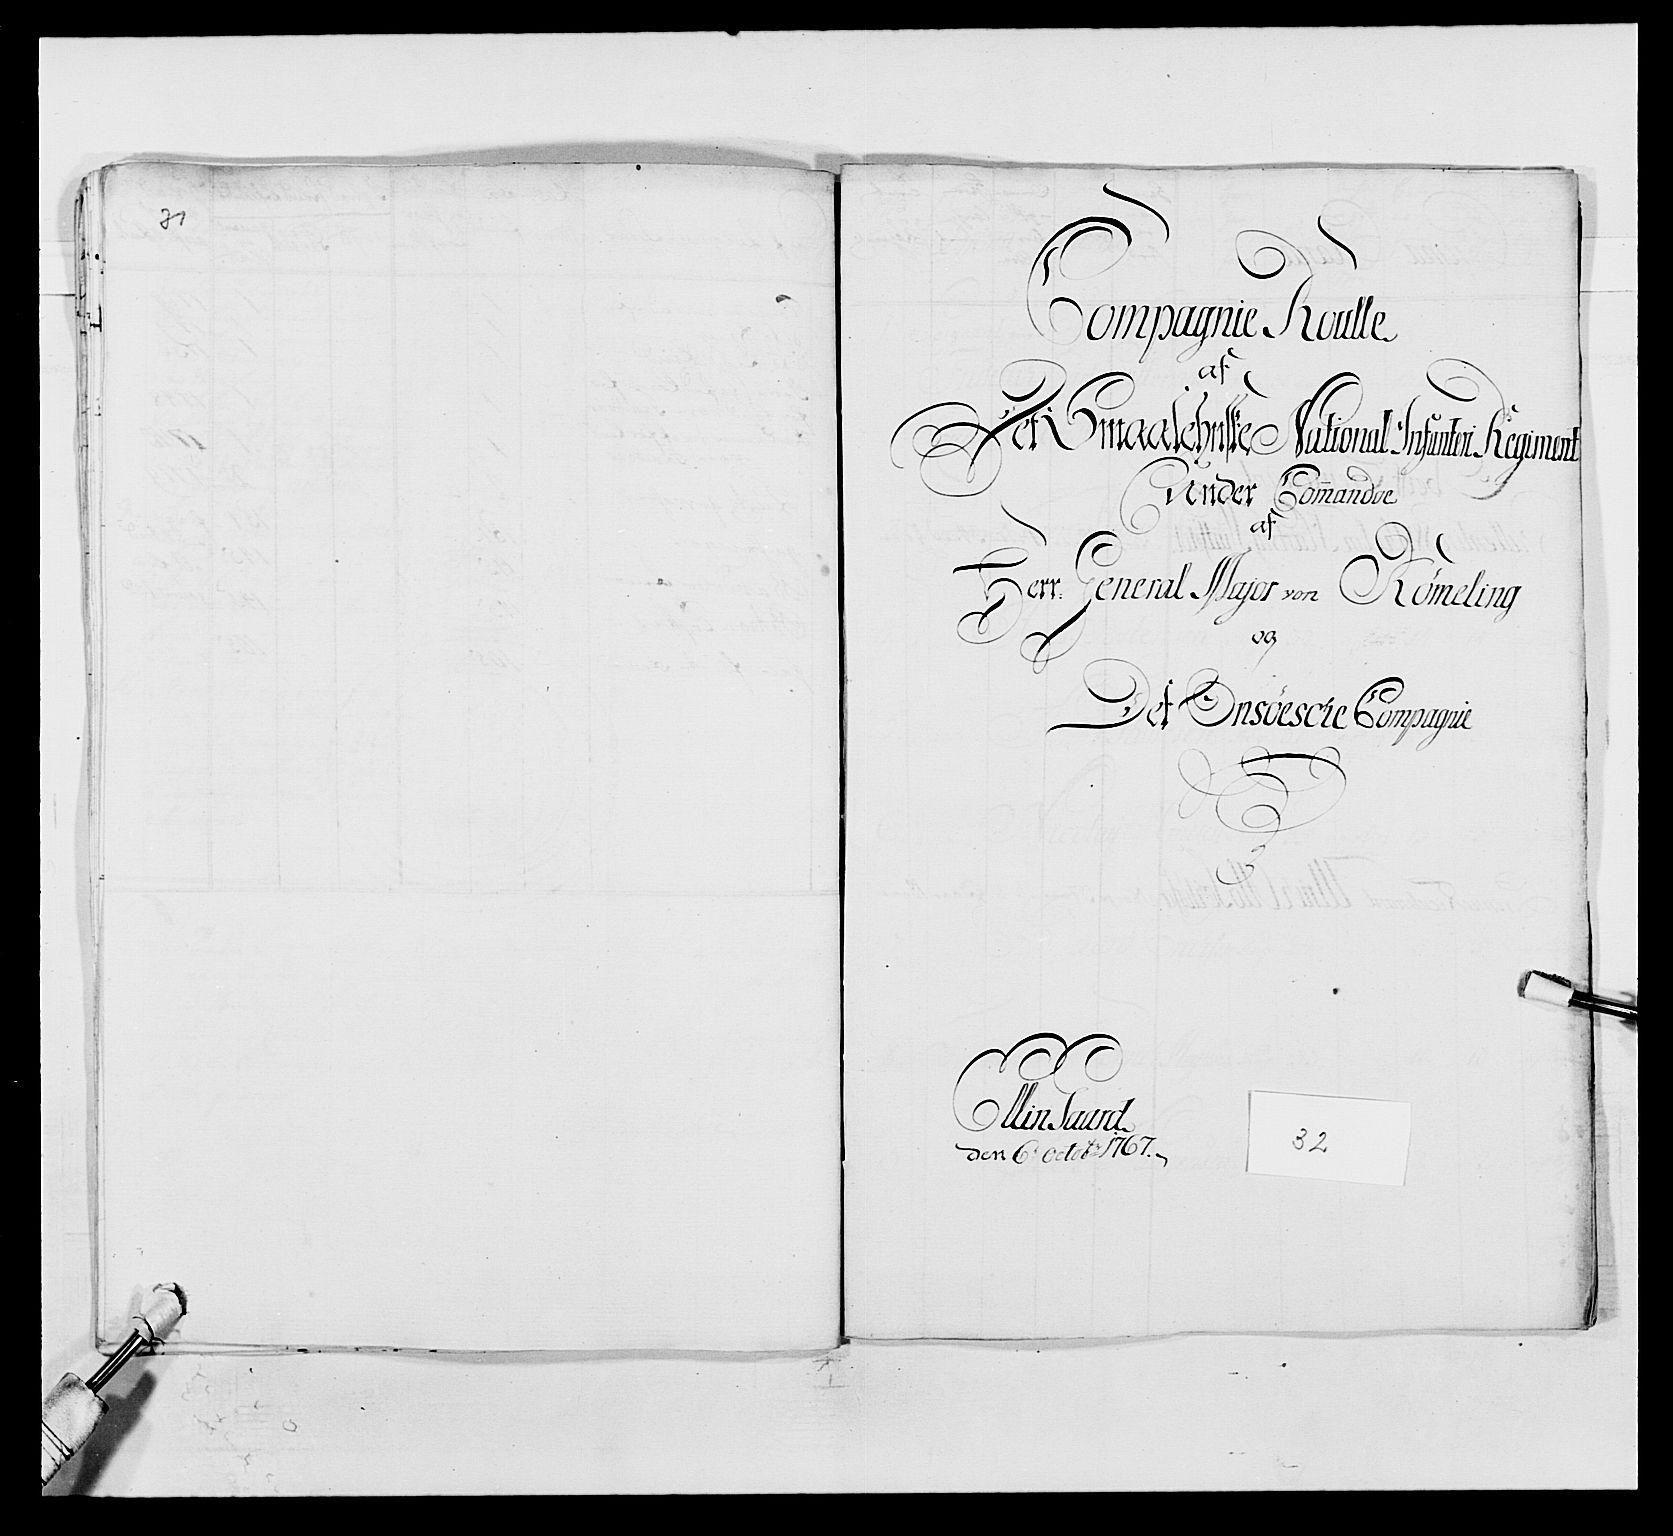 RA, Kommanderende general (KG I) med Det norske krigsdirektorium, E/Ea/L0496: 1. Smålenske regiment, 1765-1767, s. 593